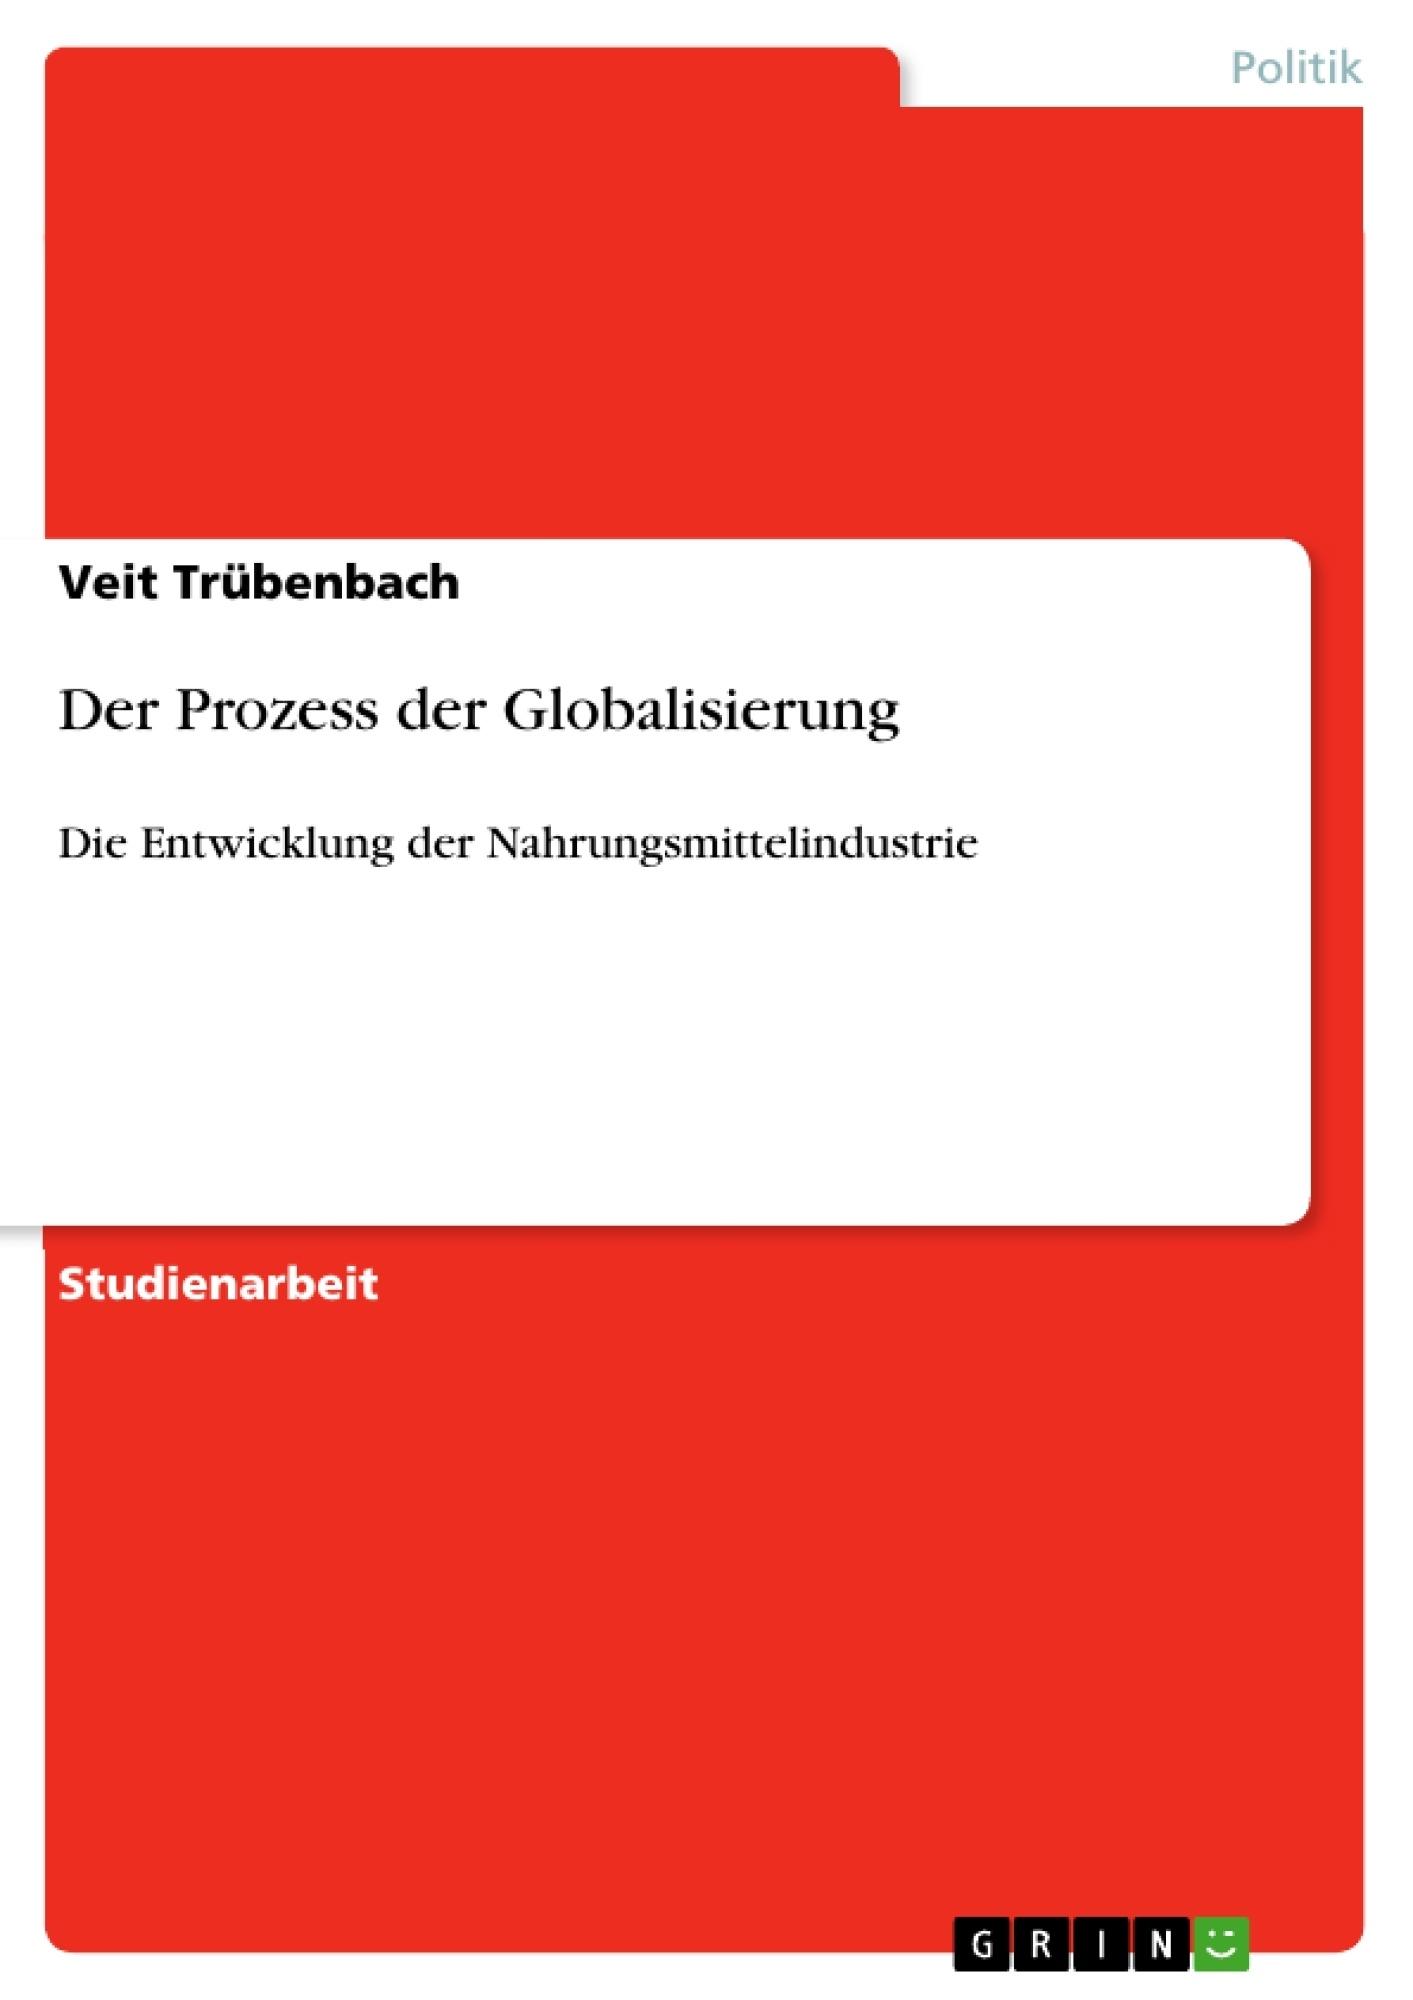 Titel: Der Prozess der Globalisierung